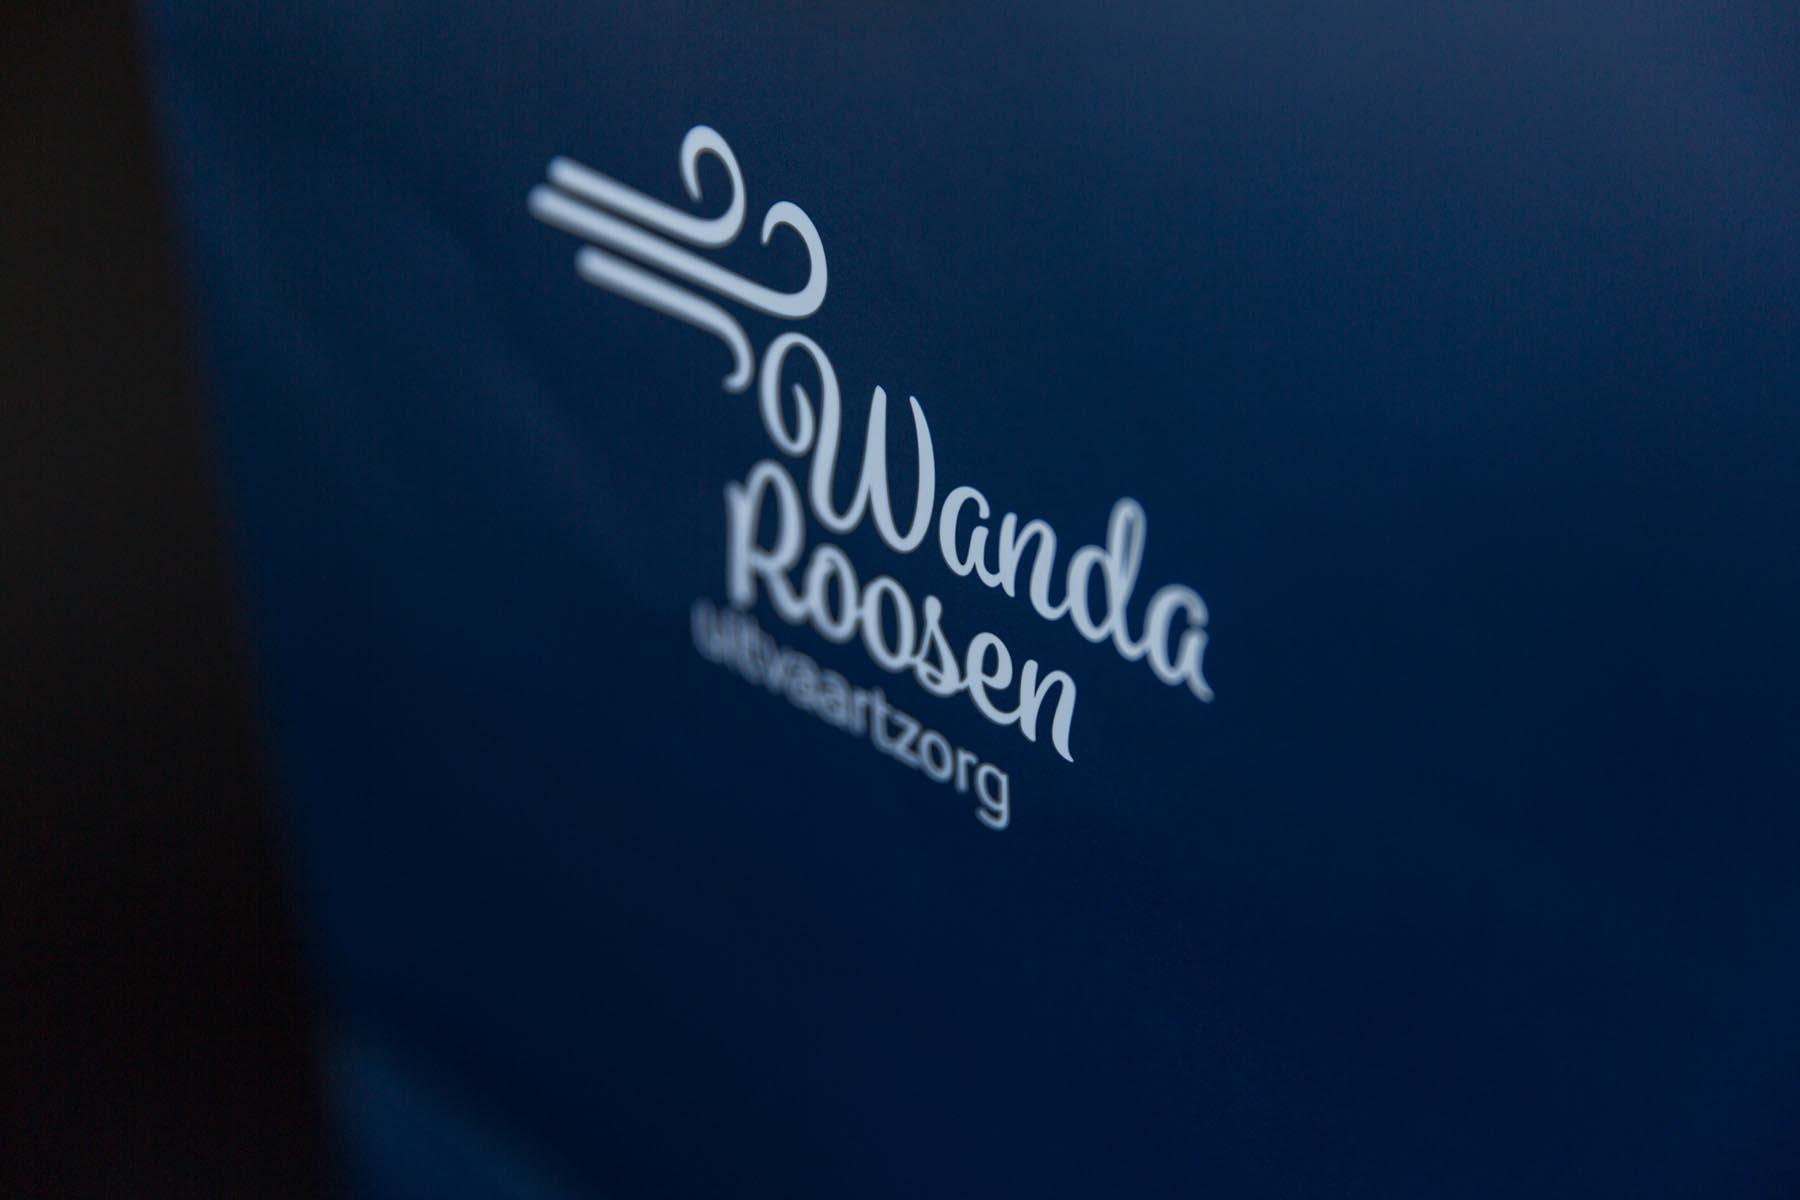 Draagtas Wanda Roosen